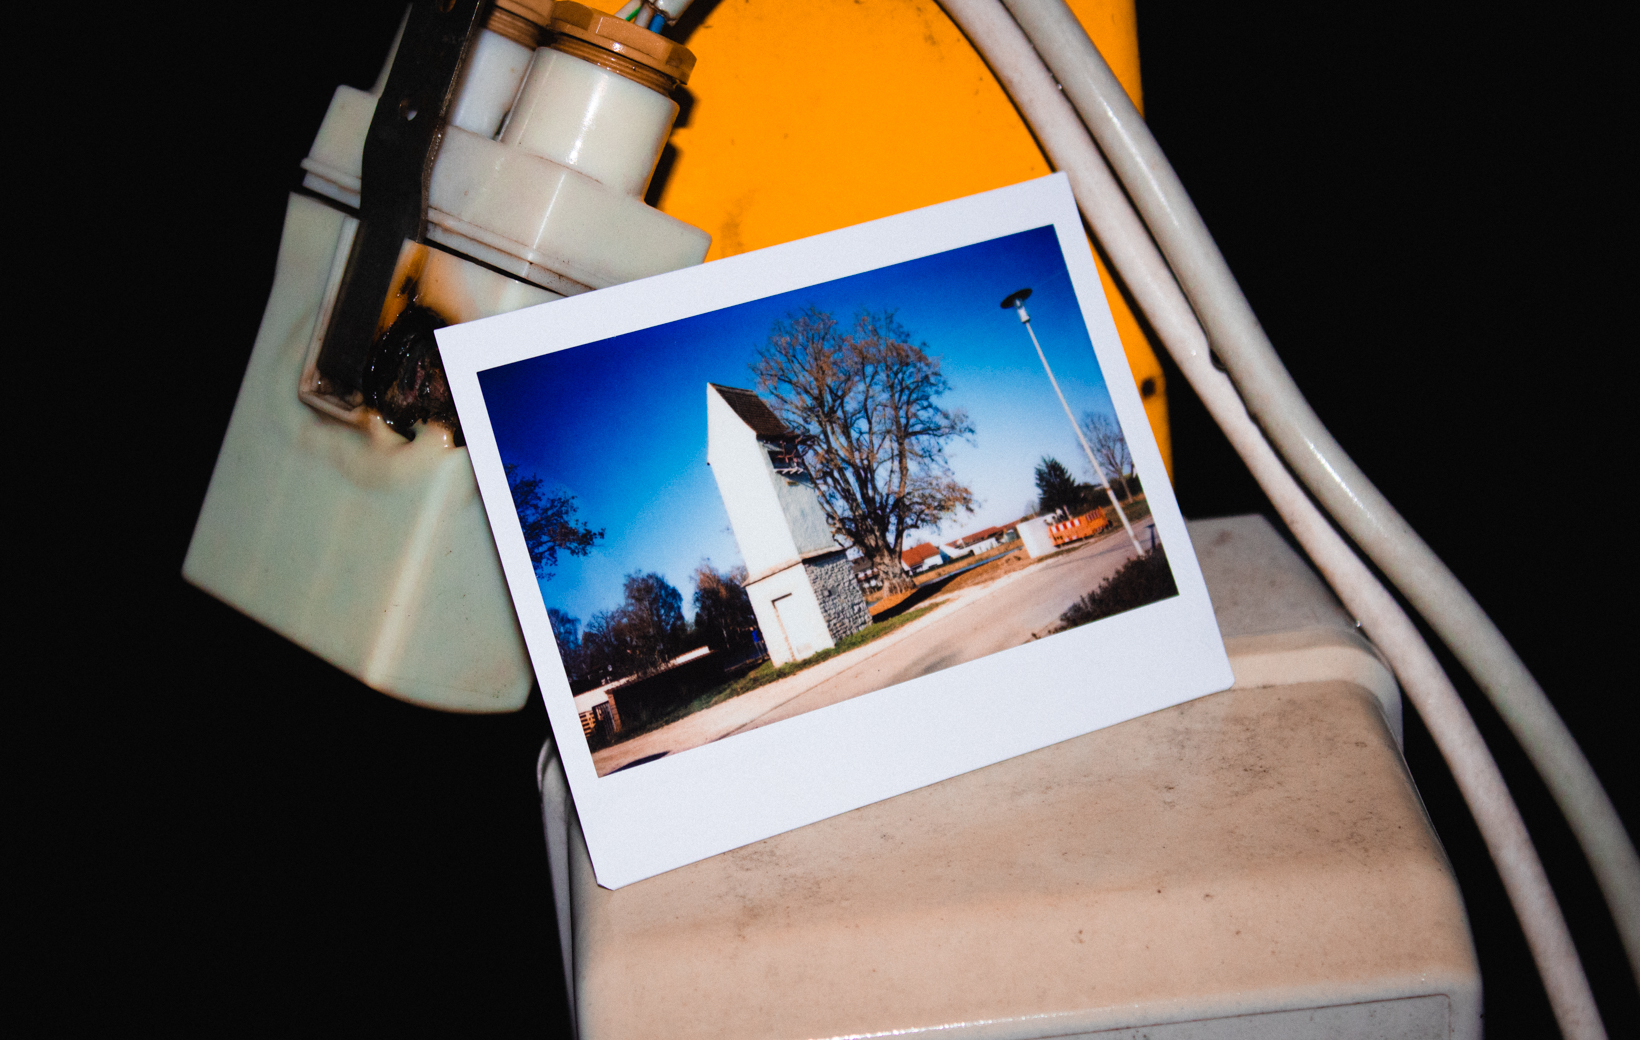 Das bild zeigt ein Polaroid mit einem Stromverteiler